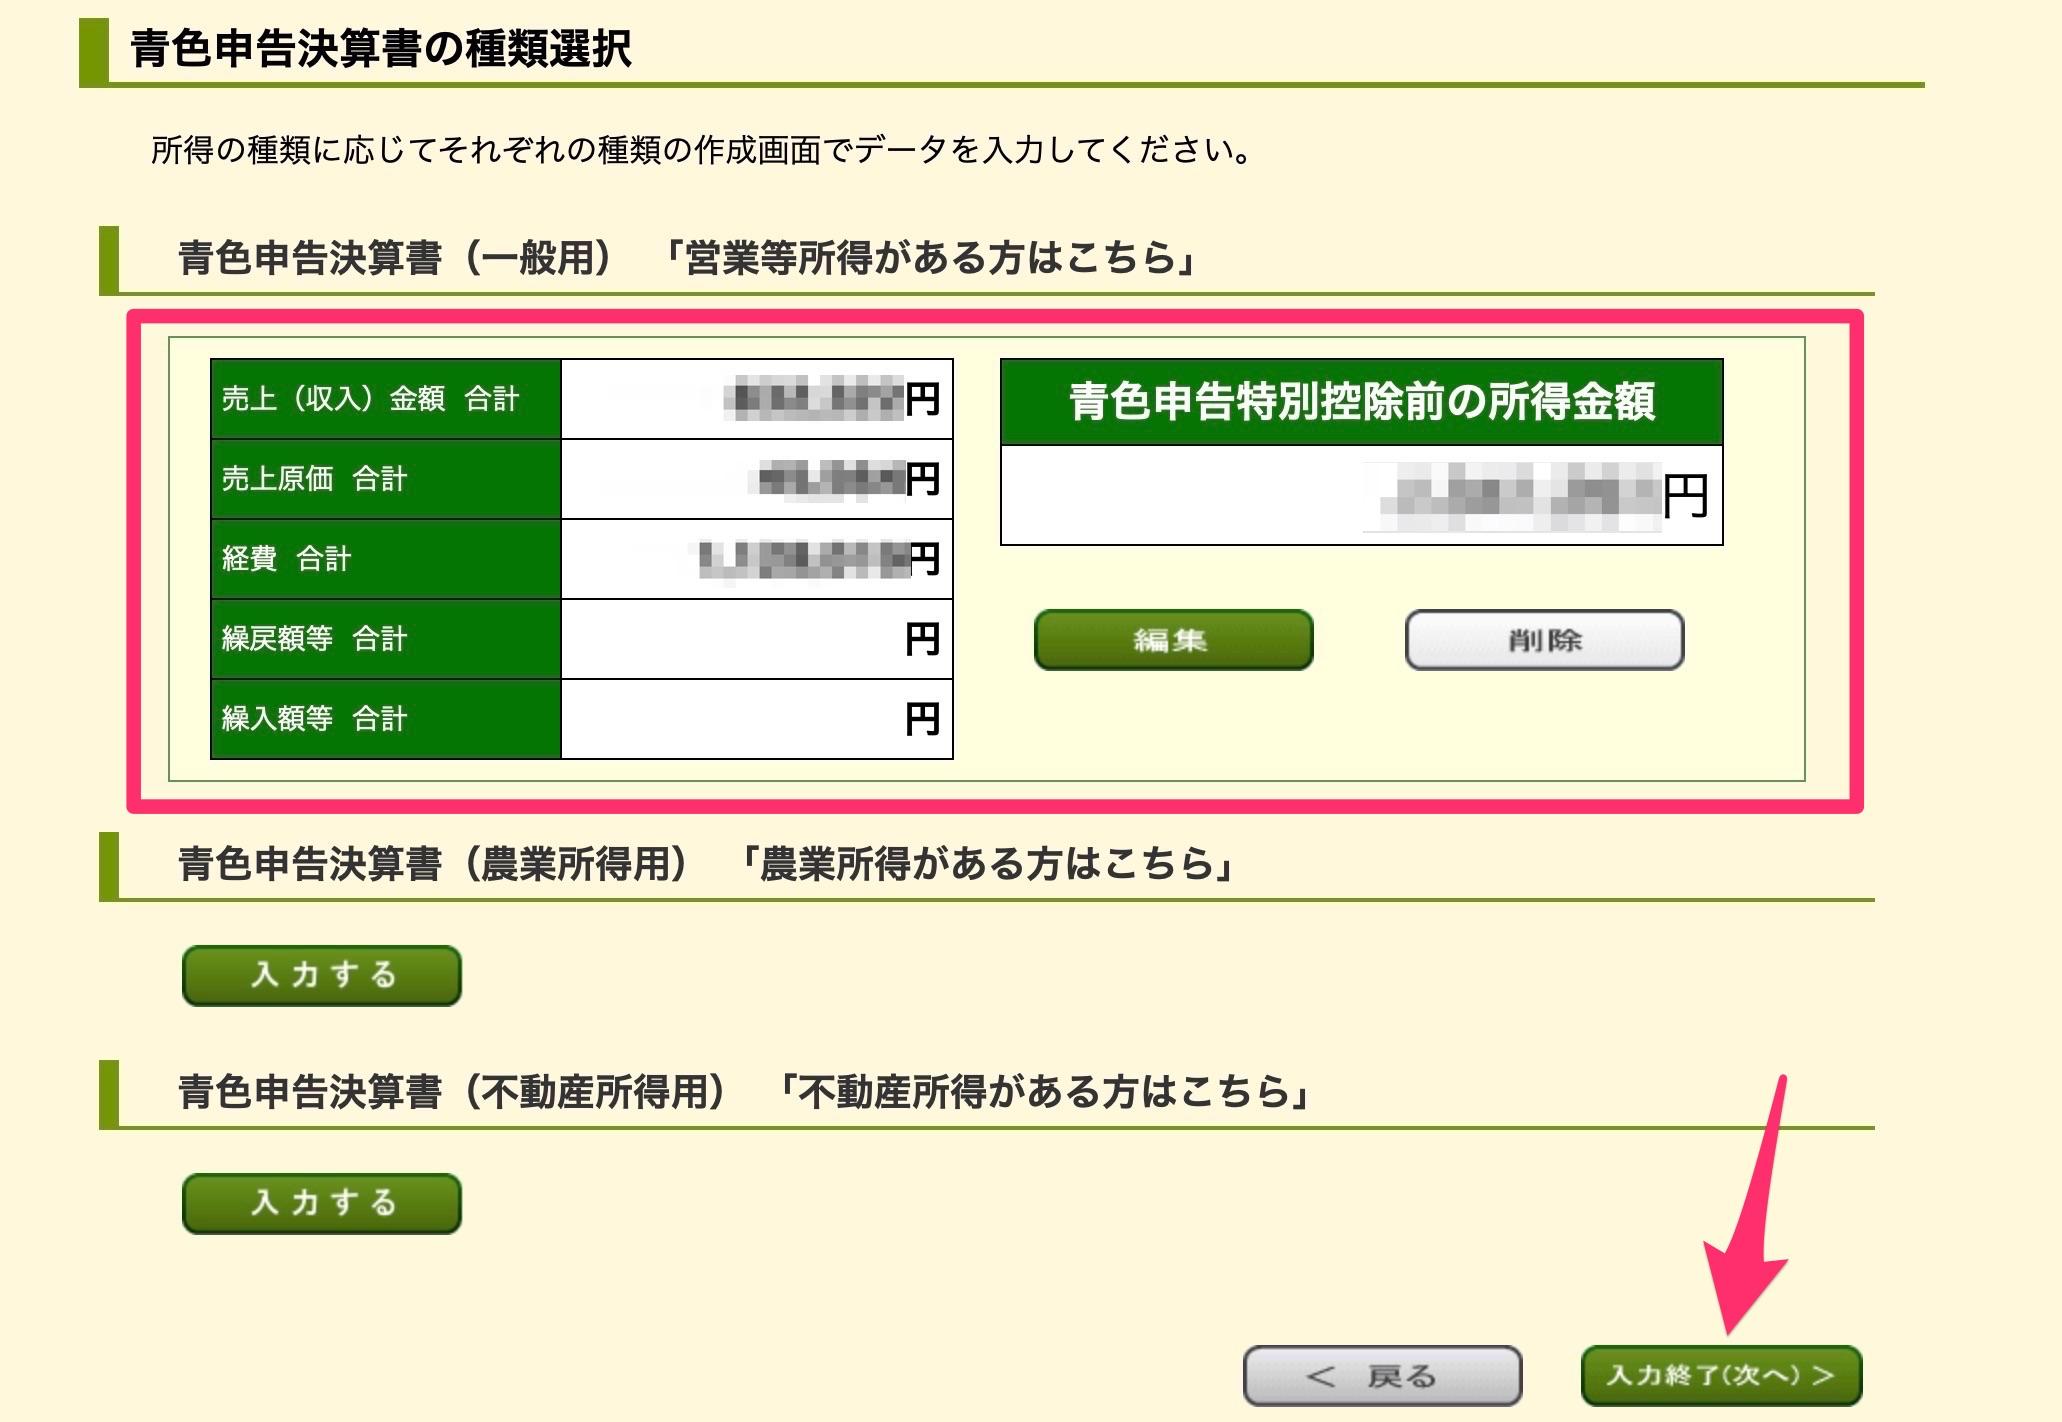 e-Taxで確定申告 マイナンバーカード カードリーダー 損益計算書